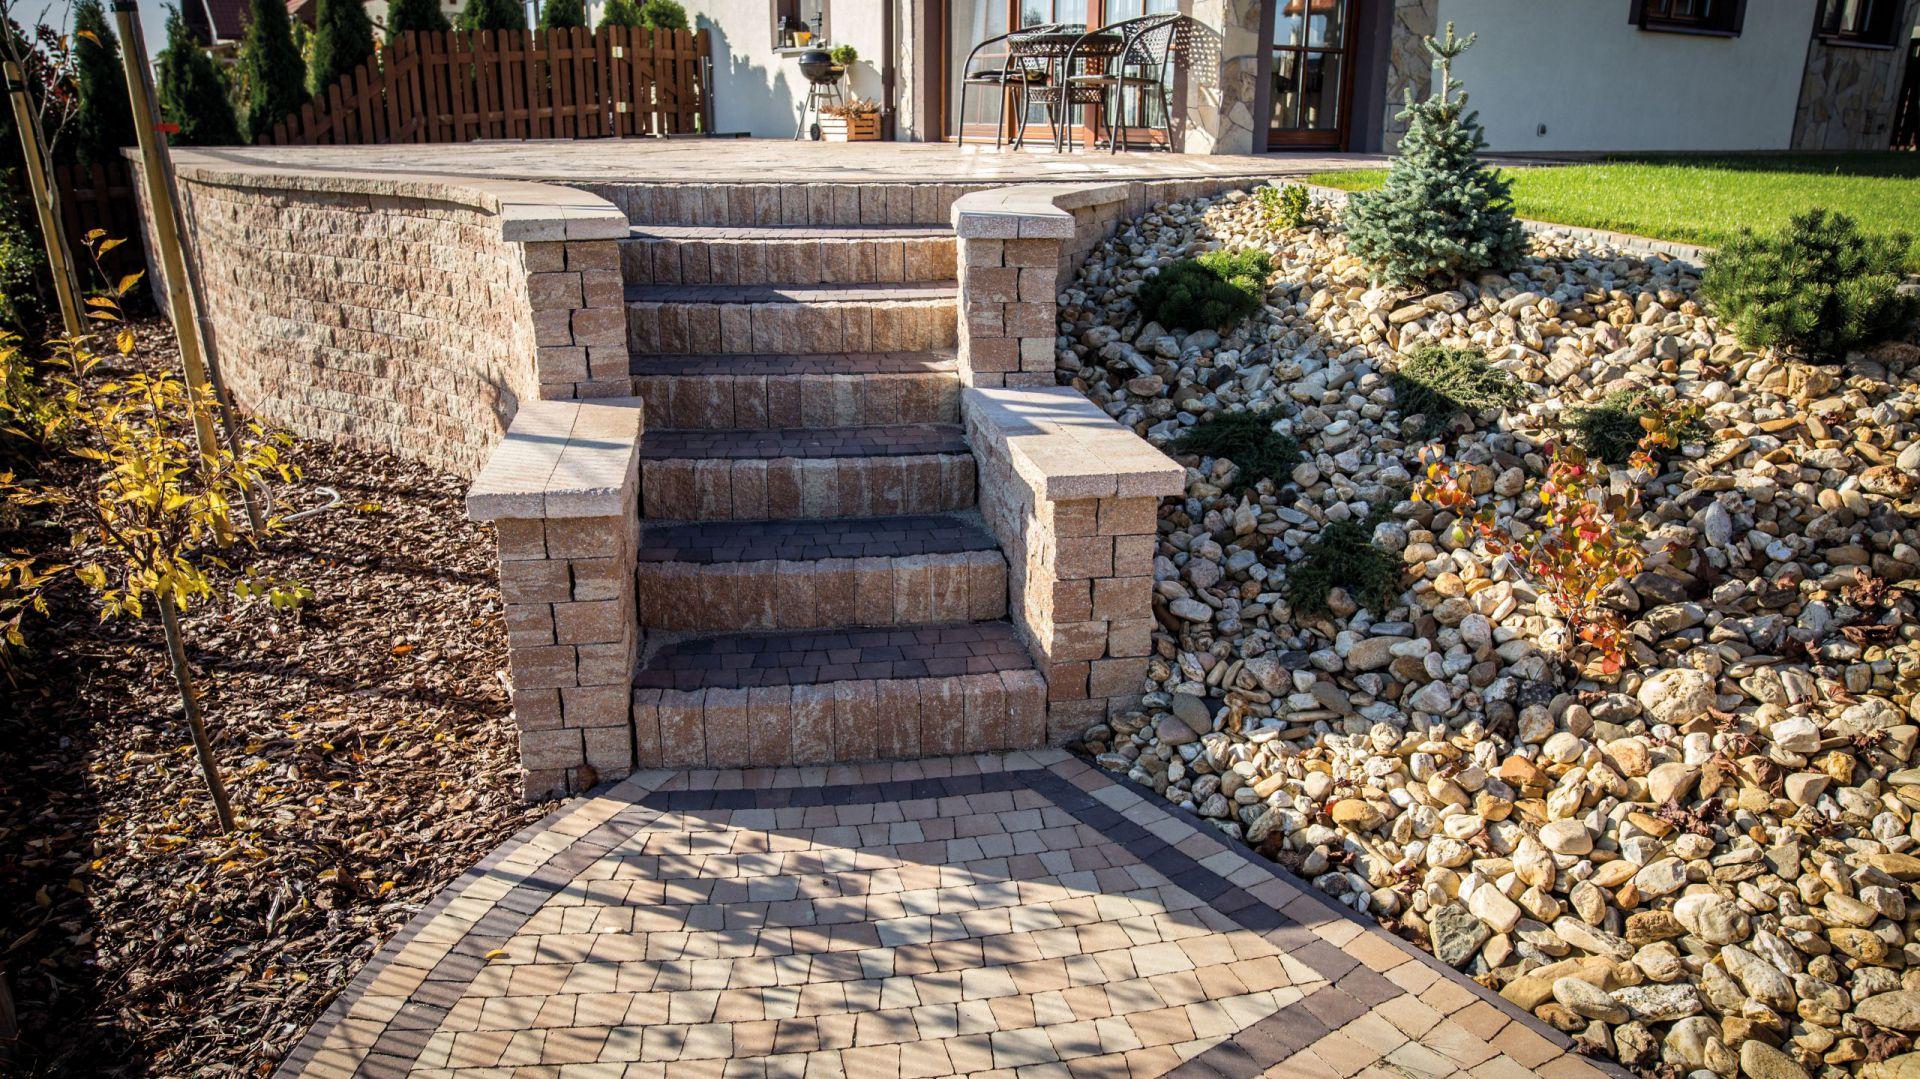 Nawiązująca wyglądem do naturalnego kamienia palisada SPLIT z kolekcji Libet Completto, do układania ozdobnych, zwartych murków dzielących przestrzeń w ogrodzie. Libet,